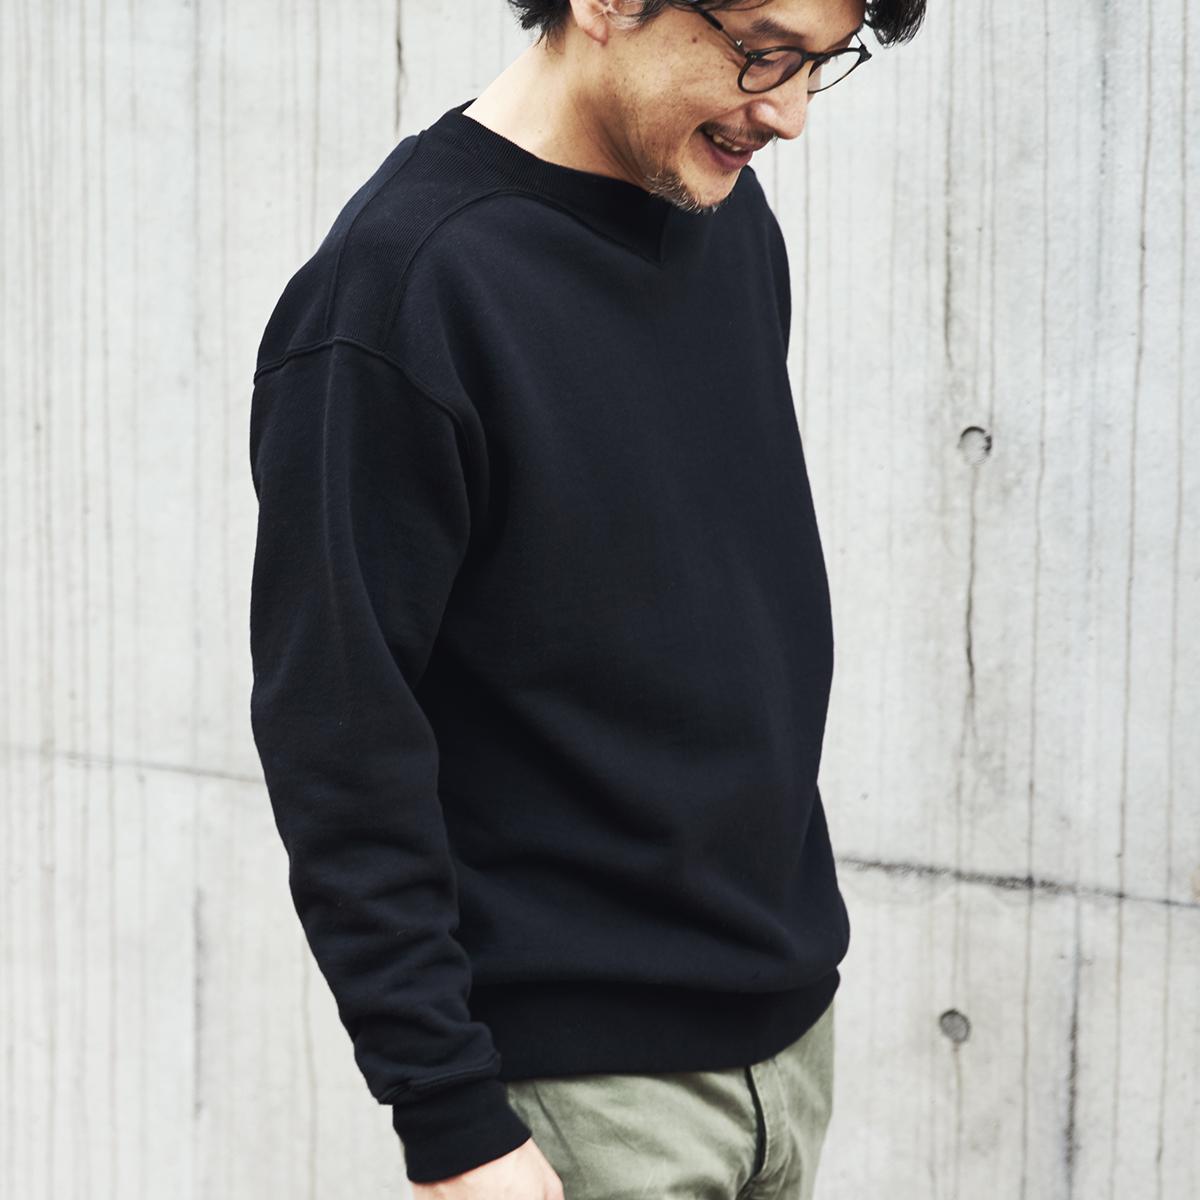 吊り編み機によって、ゆっくりと丹念に編み上げることで、手編みのようなふっくらとした風合いが生まれた。スポルディング社の名作から、現存していない「ブラック」をMade in Japanで「フットボールシャツ」|A.G. Spalding & Bros